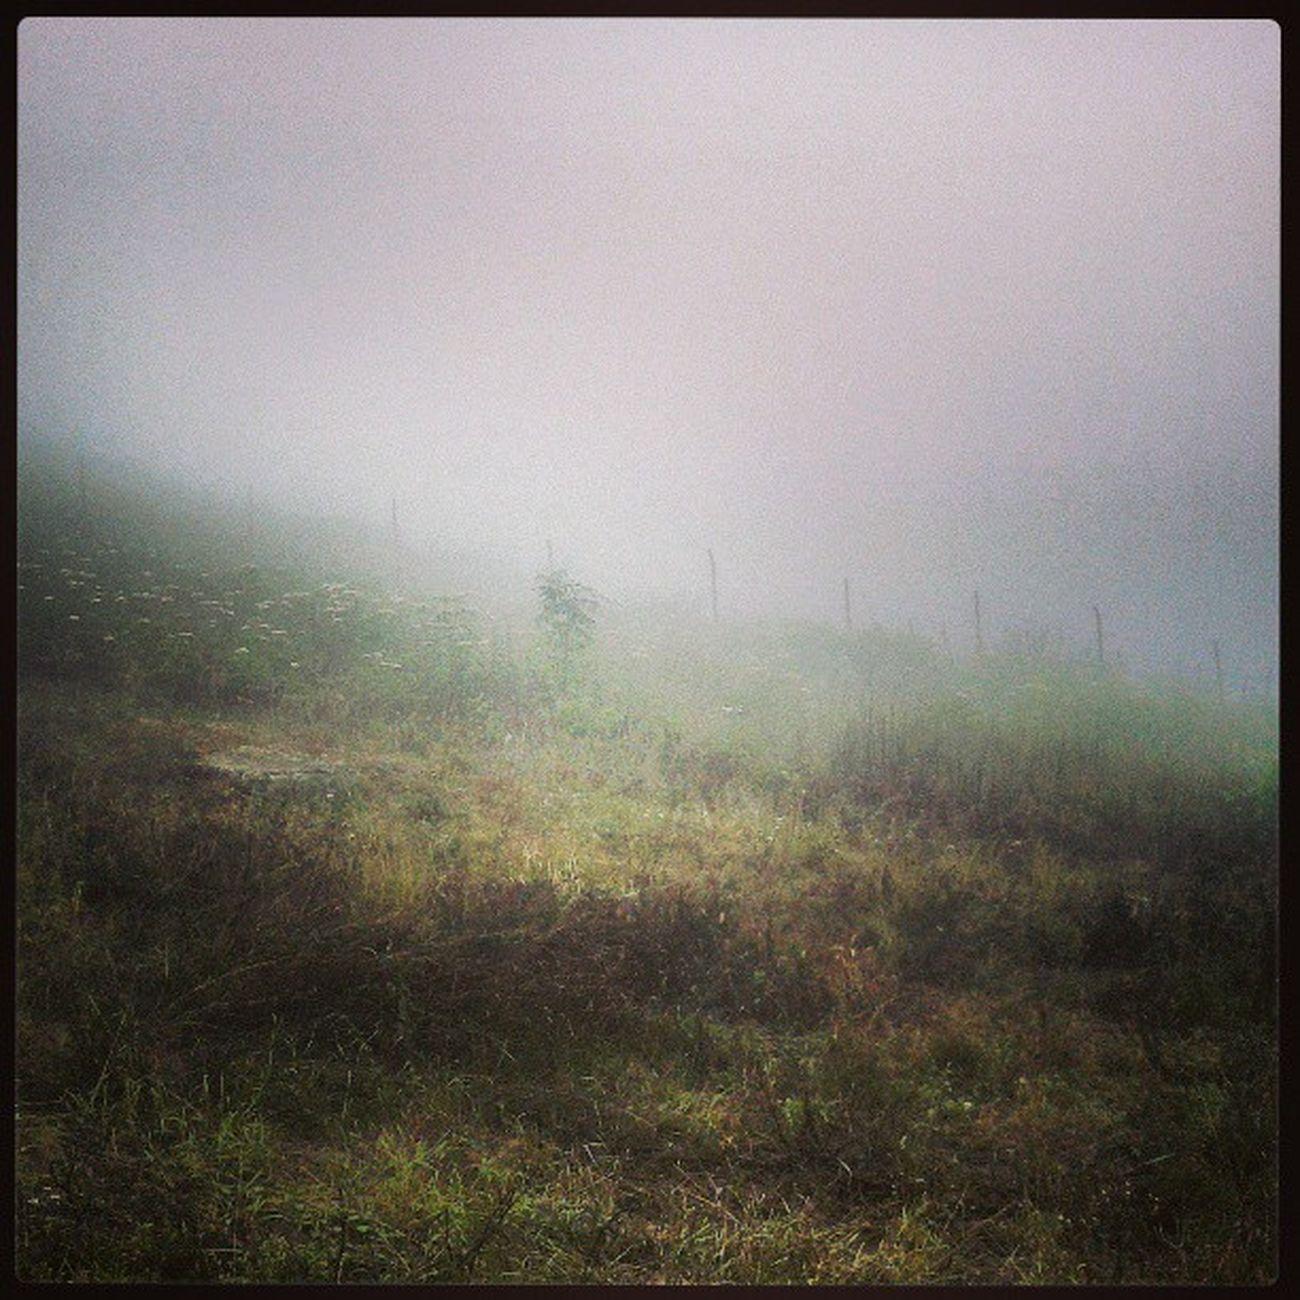 مرا در ابر عشقت ناپدید کن بی ادعا تر از علف های کوهزار Iran Jaherdeh